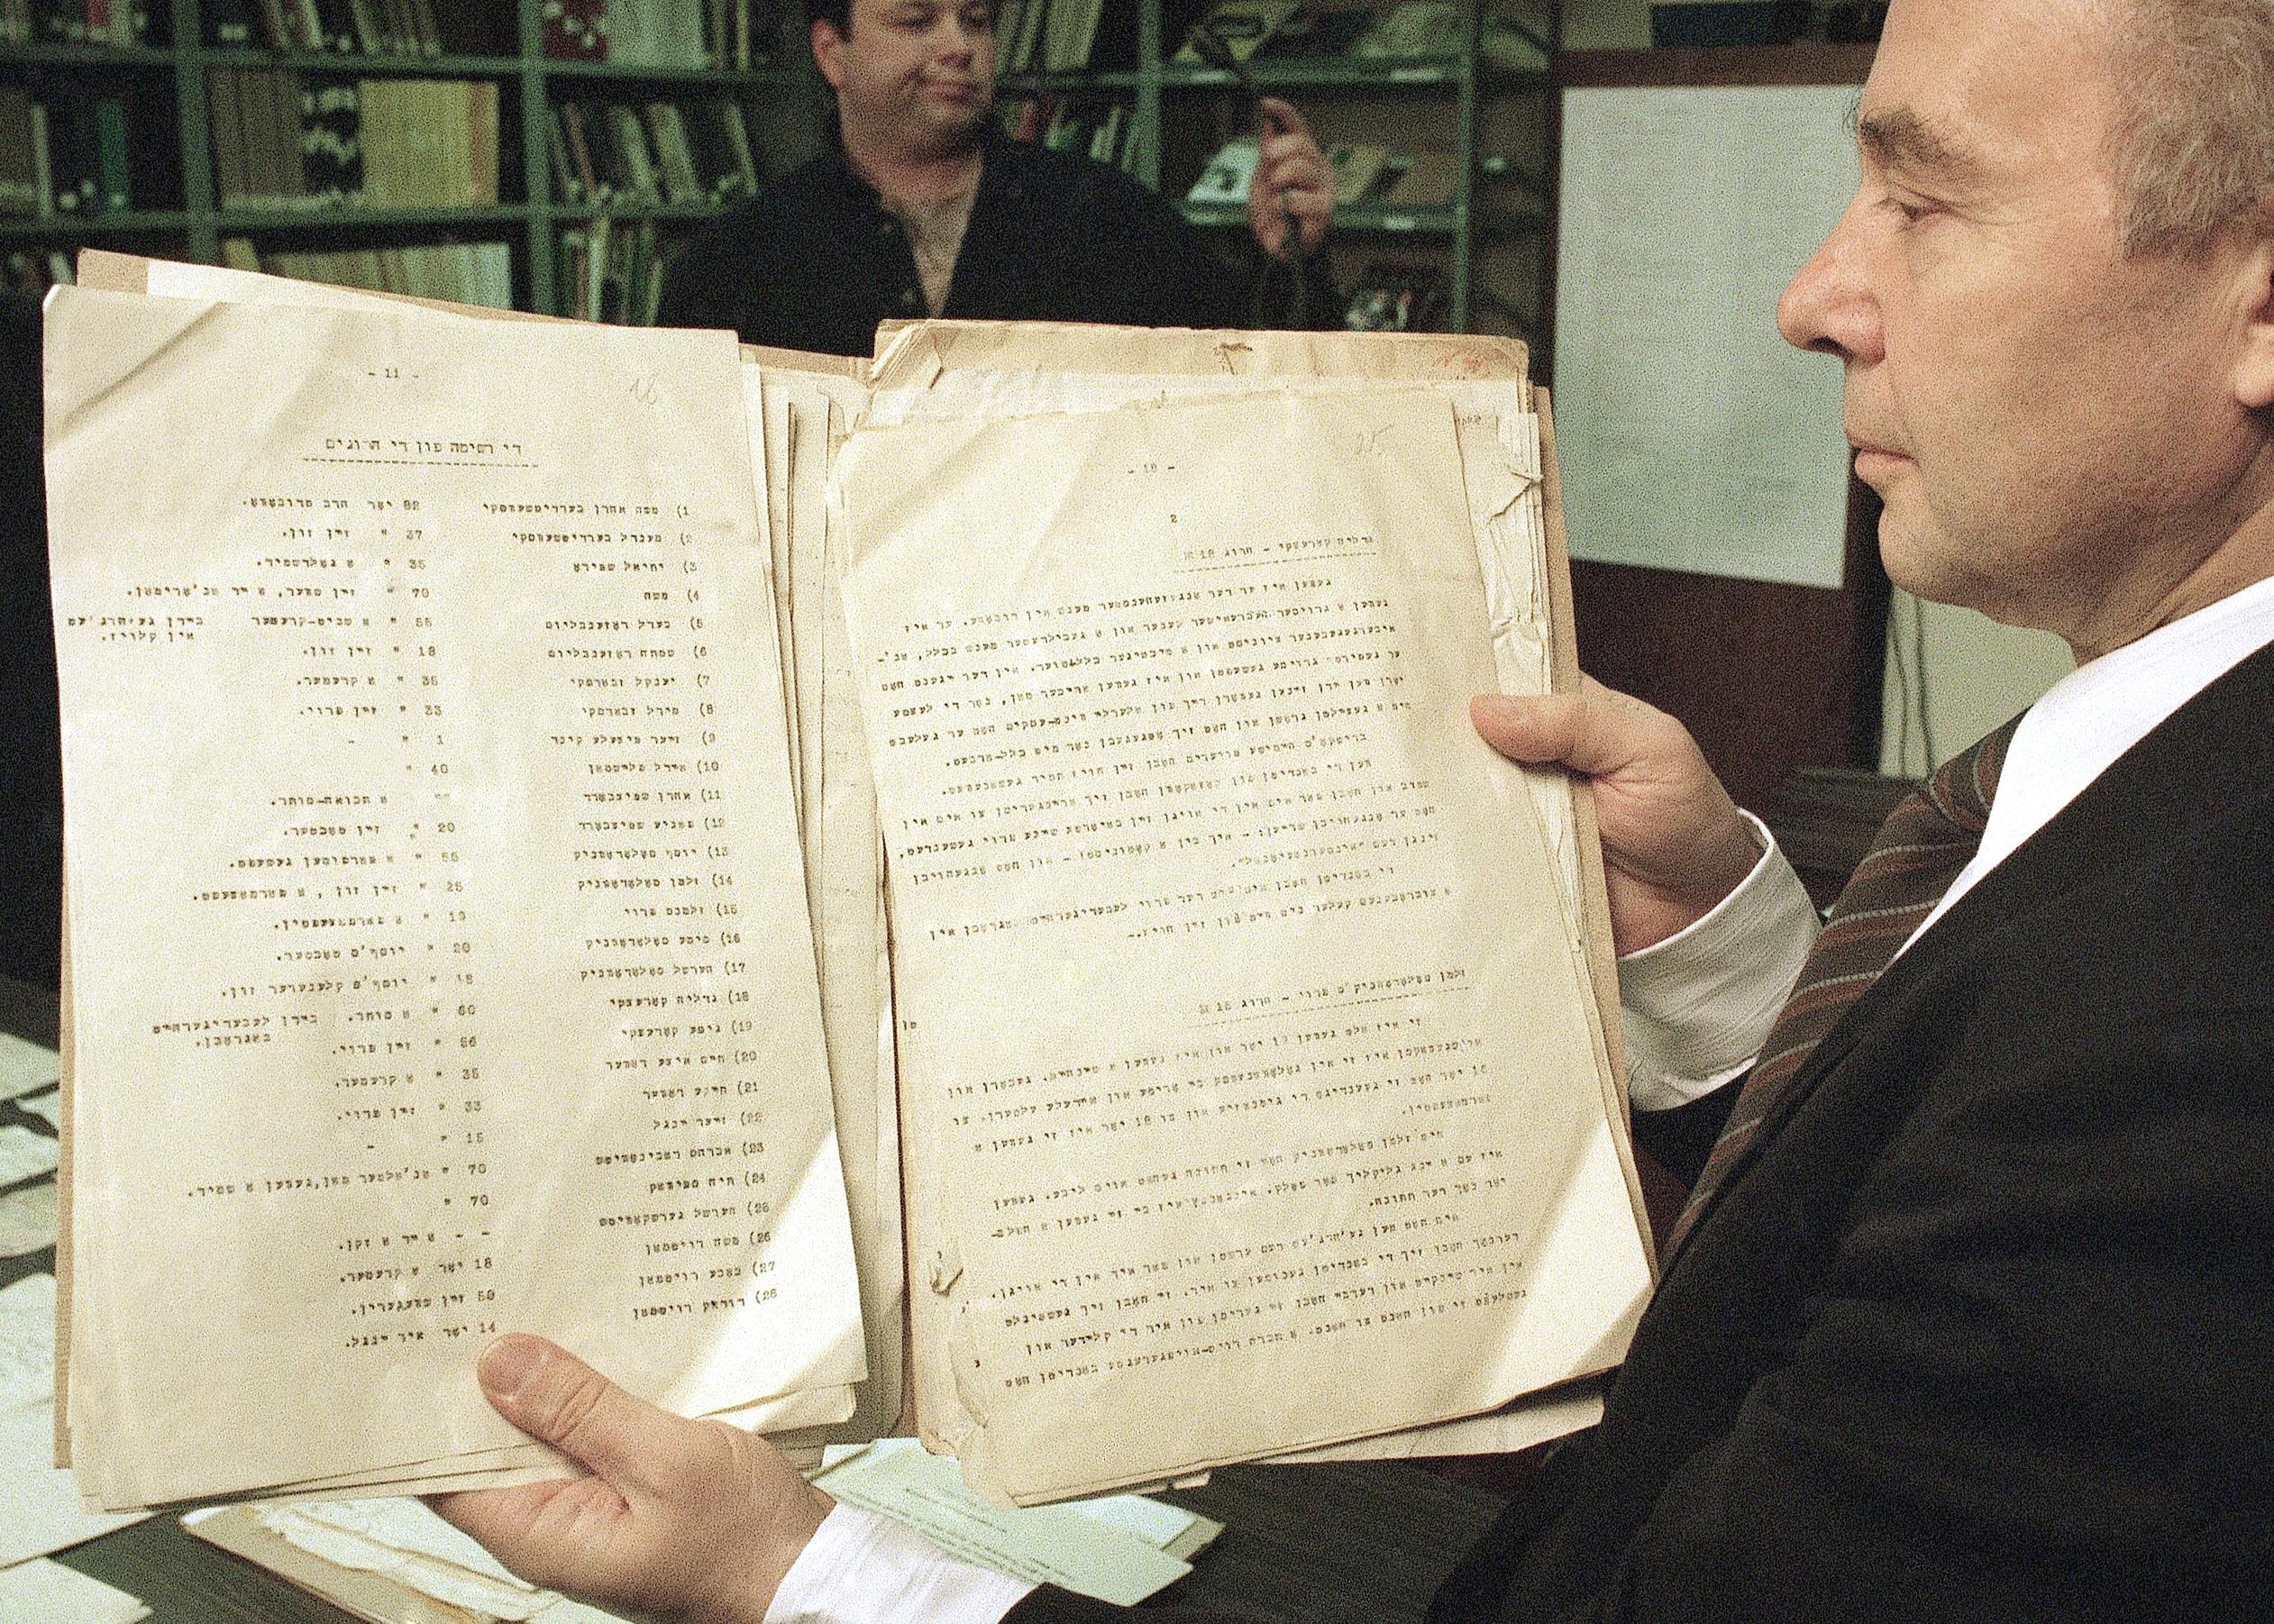 Hombre sosteniendo documentos históricos amarillentos (© AP Images)